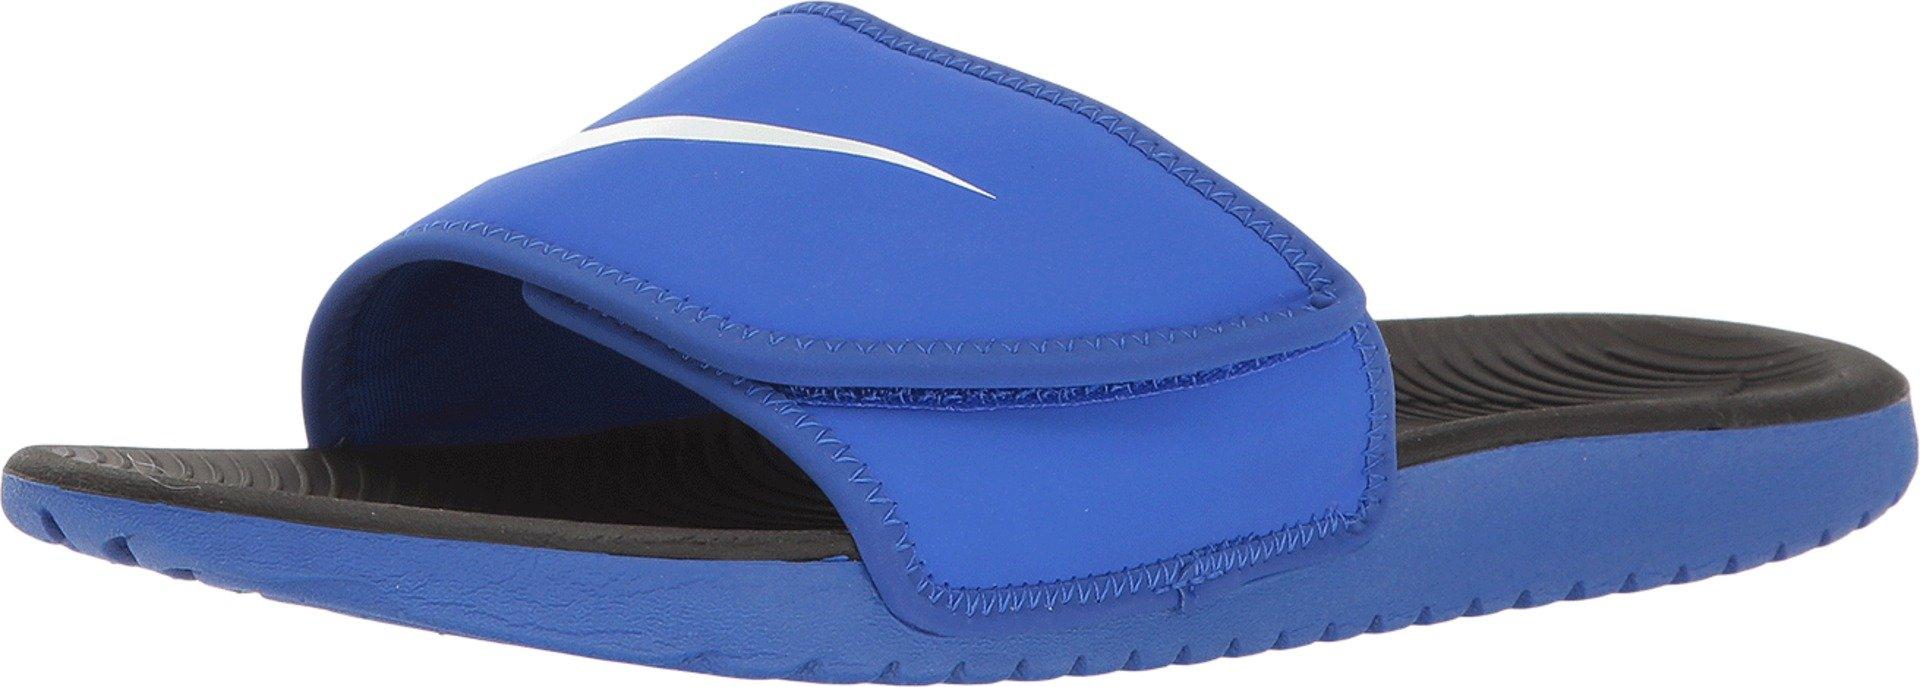 NIKE Kids' Kawa Slide Sandal, Racer Blue/White, 3 M US Little Kid